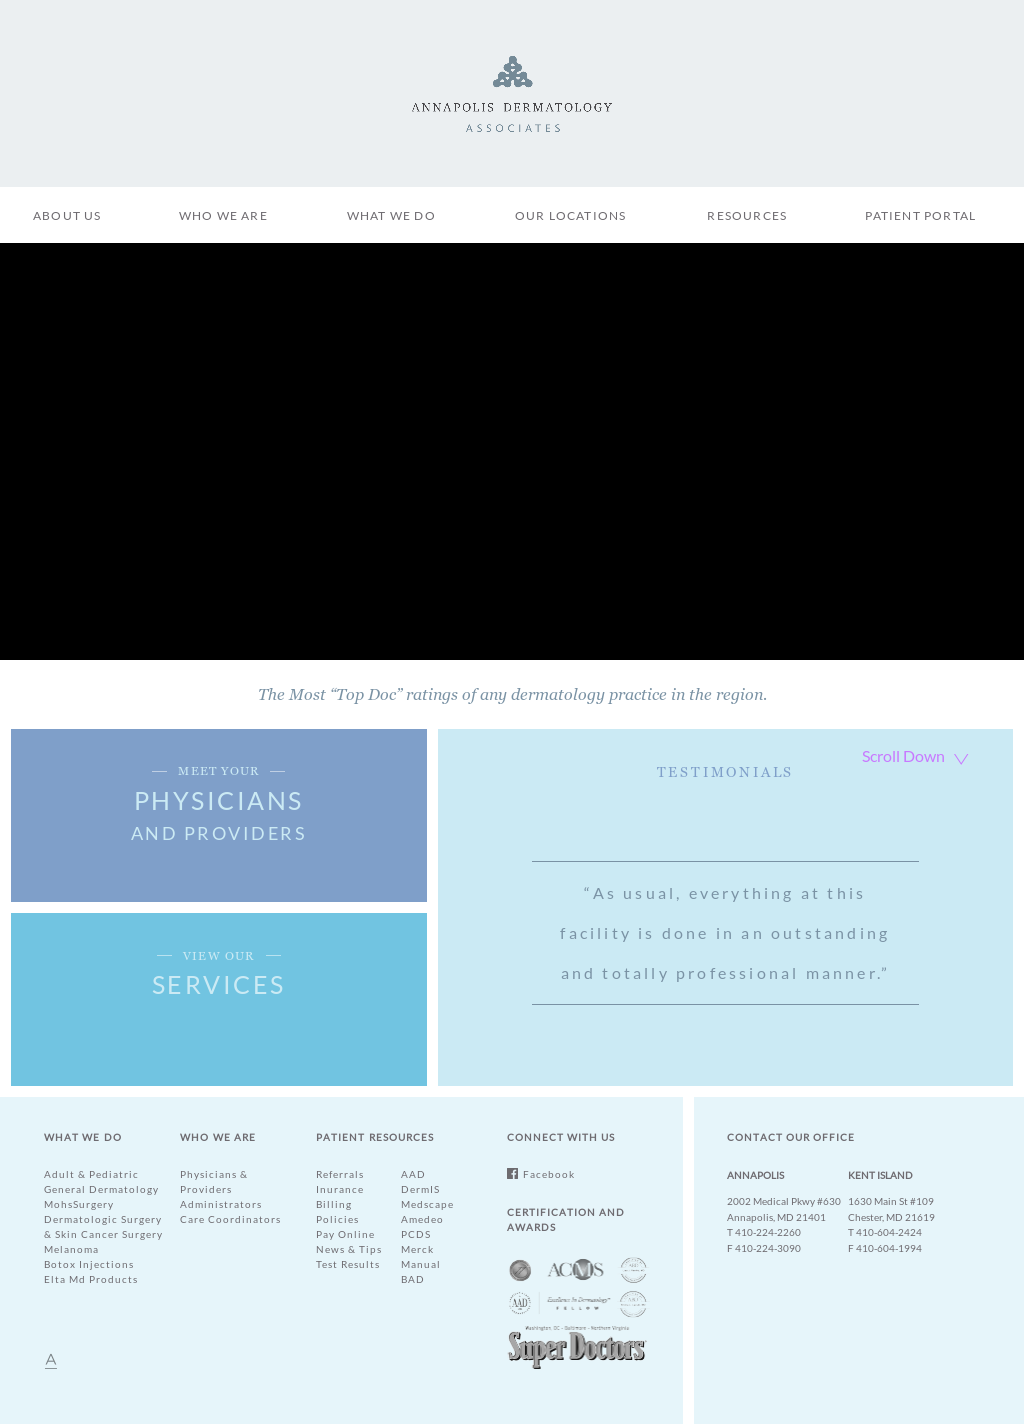 Annapolis Dermatology Associates Competitors, Revenue and